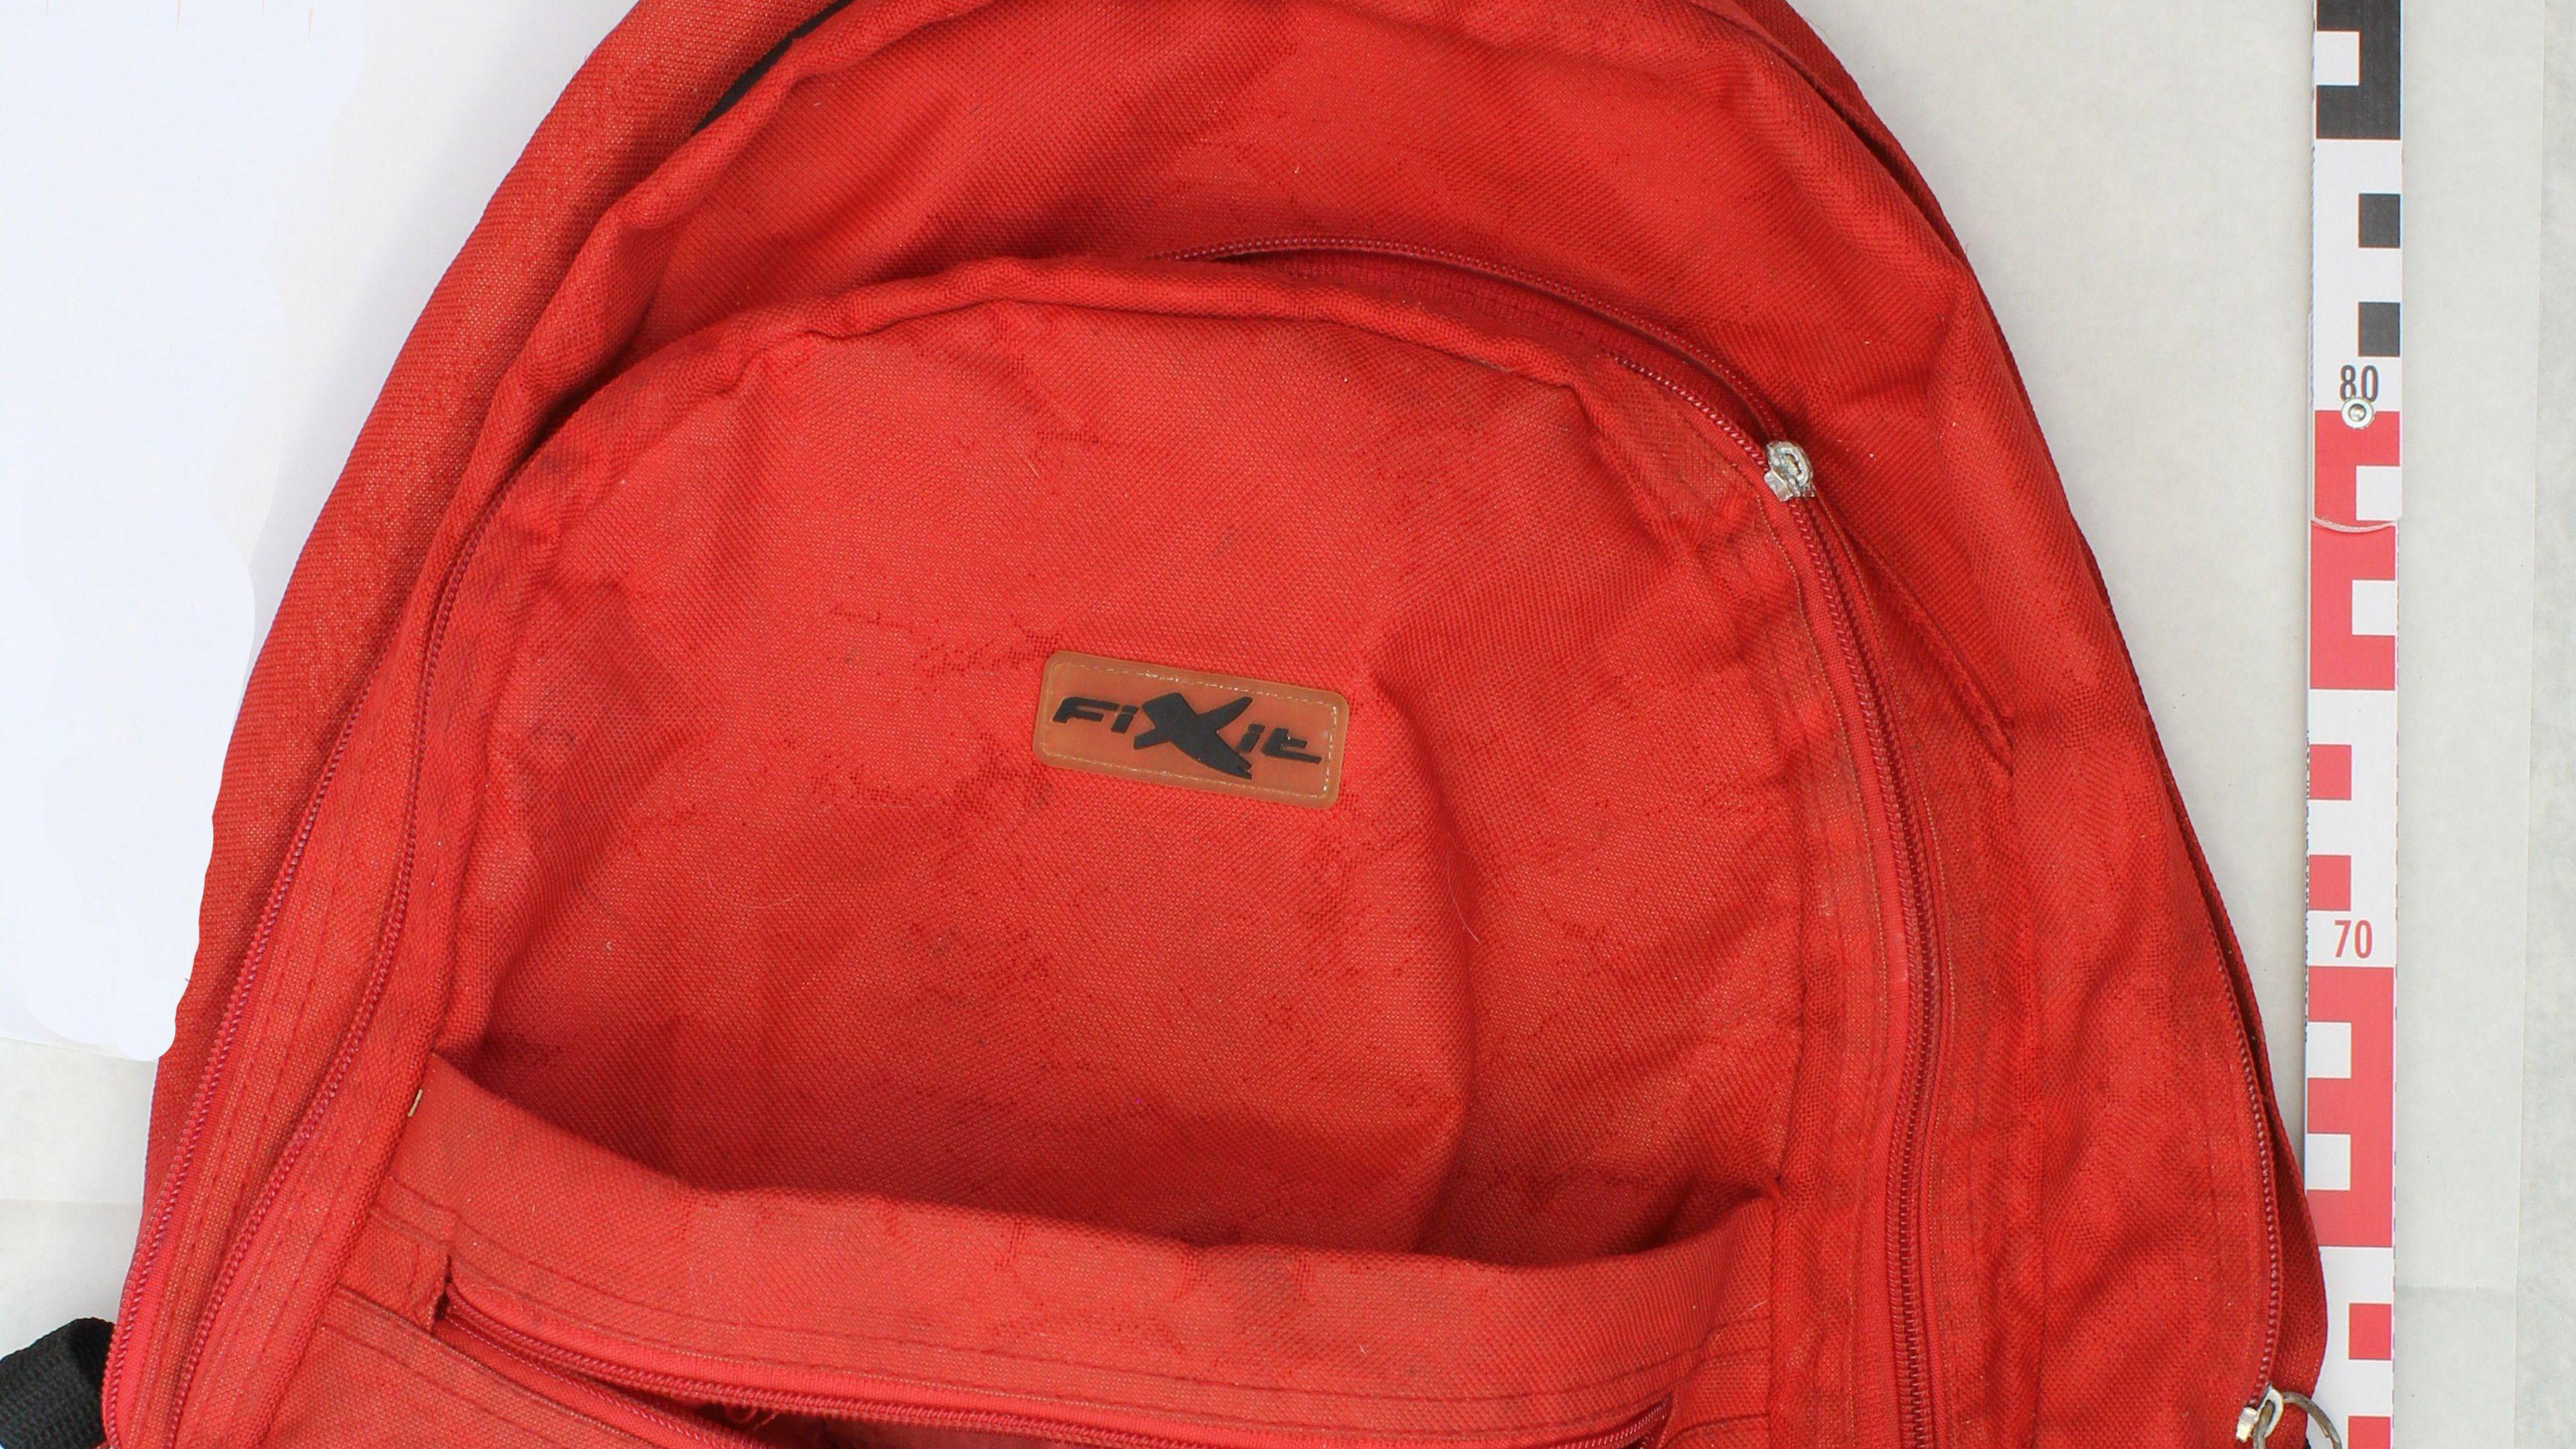 """Neben dem schwarzen Rucksack konnte ein weiterer gefunden werden: ein orangefarbenen Rucksack der Marke """"Fixit""""."""